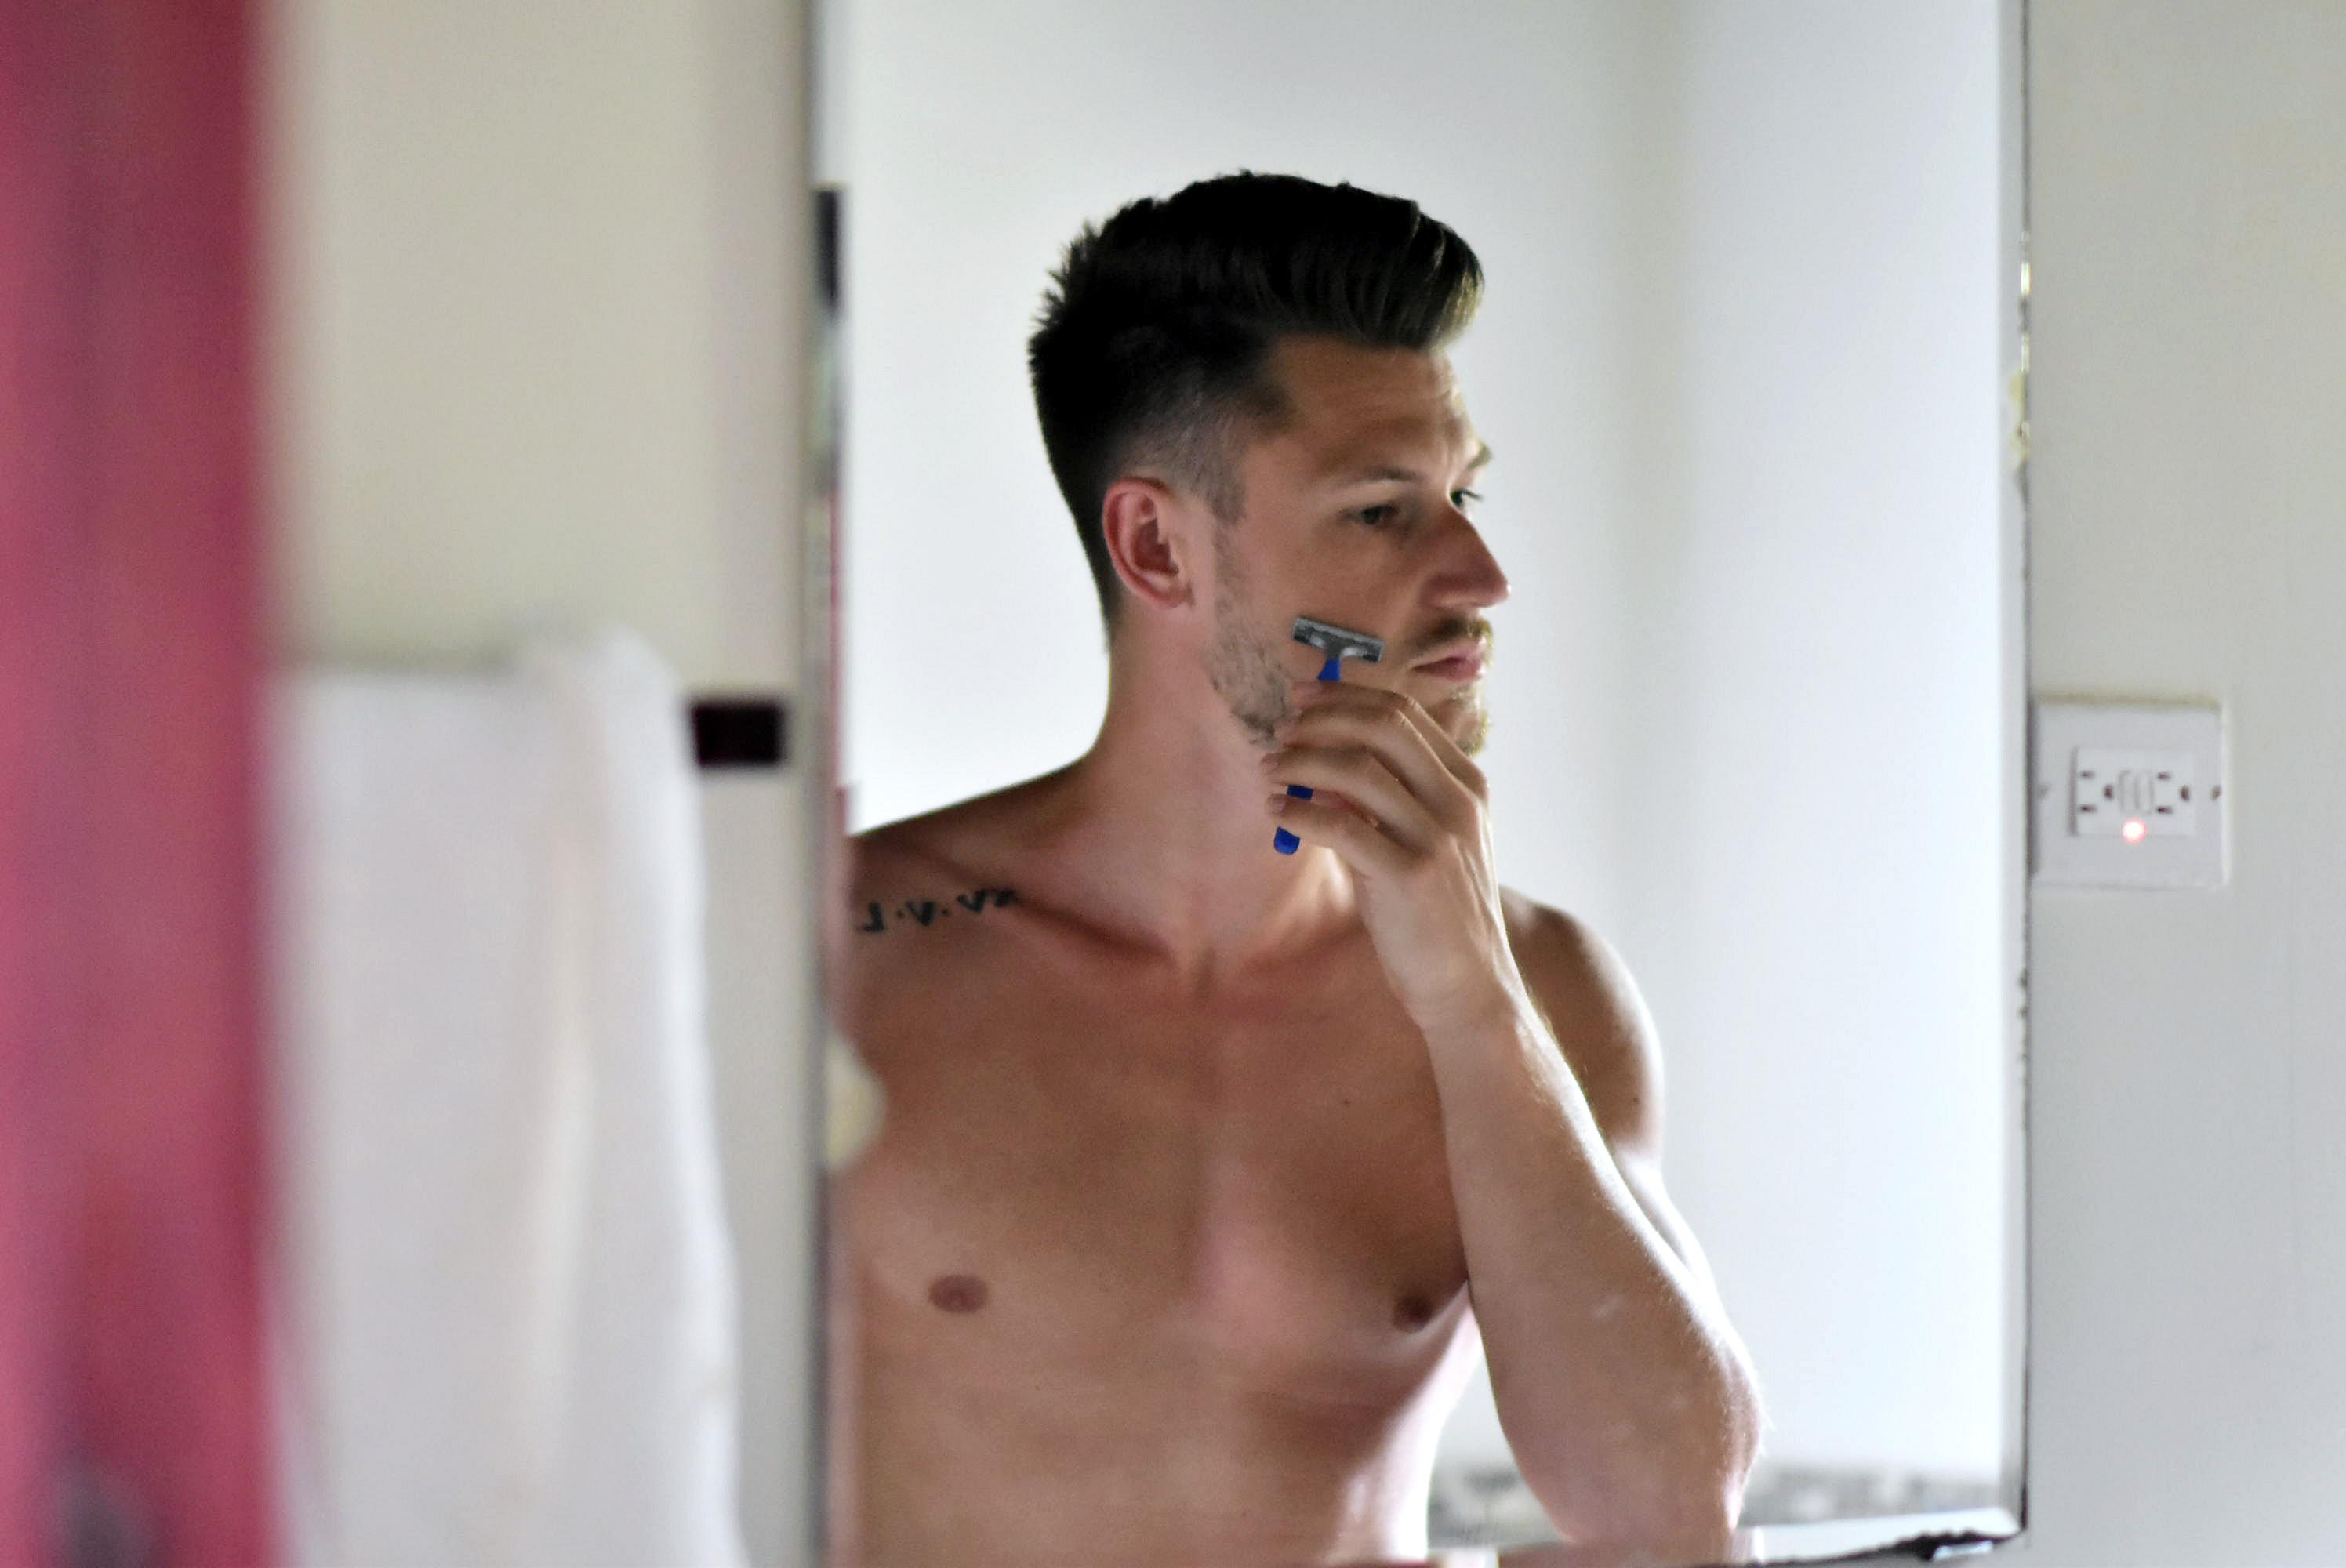 Tommeezjerry-Styleblog-Männerblog-Modeblog-Berlin-Berlinblog-Grooming-Pflege-Gillette-Rasierer-Rasierroutine-Rasurgewohnheiten-2